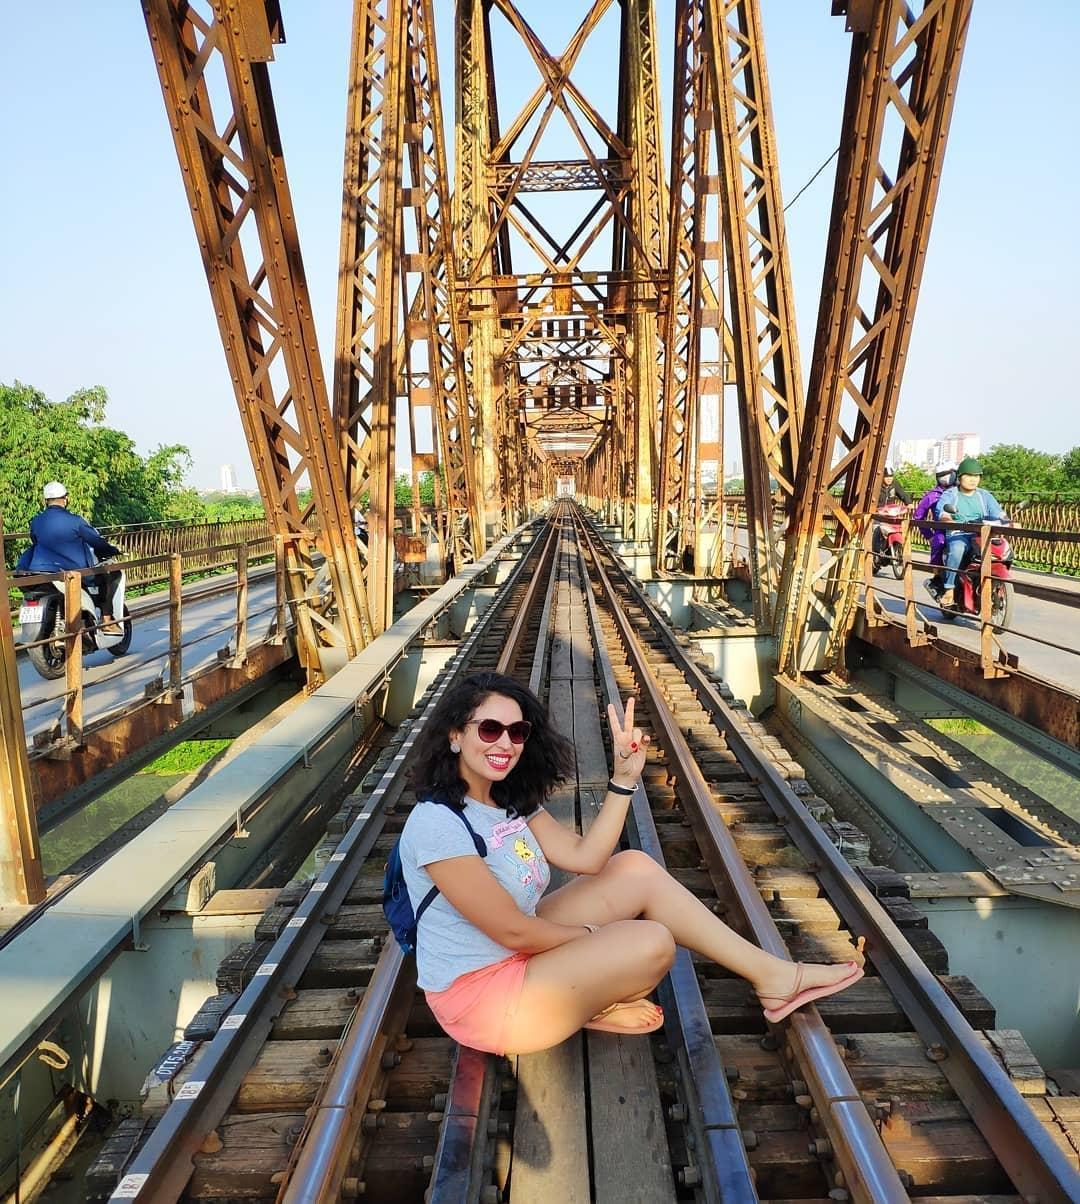 Bất chấp nguy hiểm, khách du lịch đổ xô đến cầu Long Biên chụp ảnh 'check-in' Ảnh 13